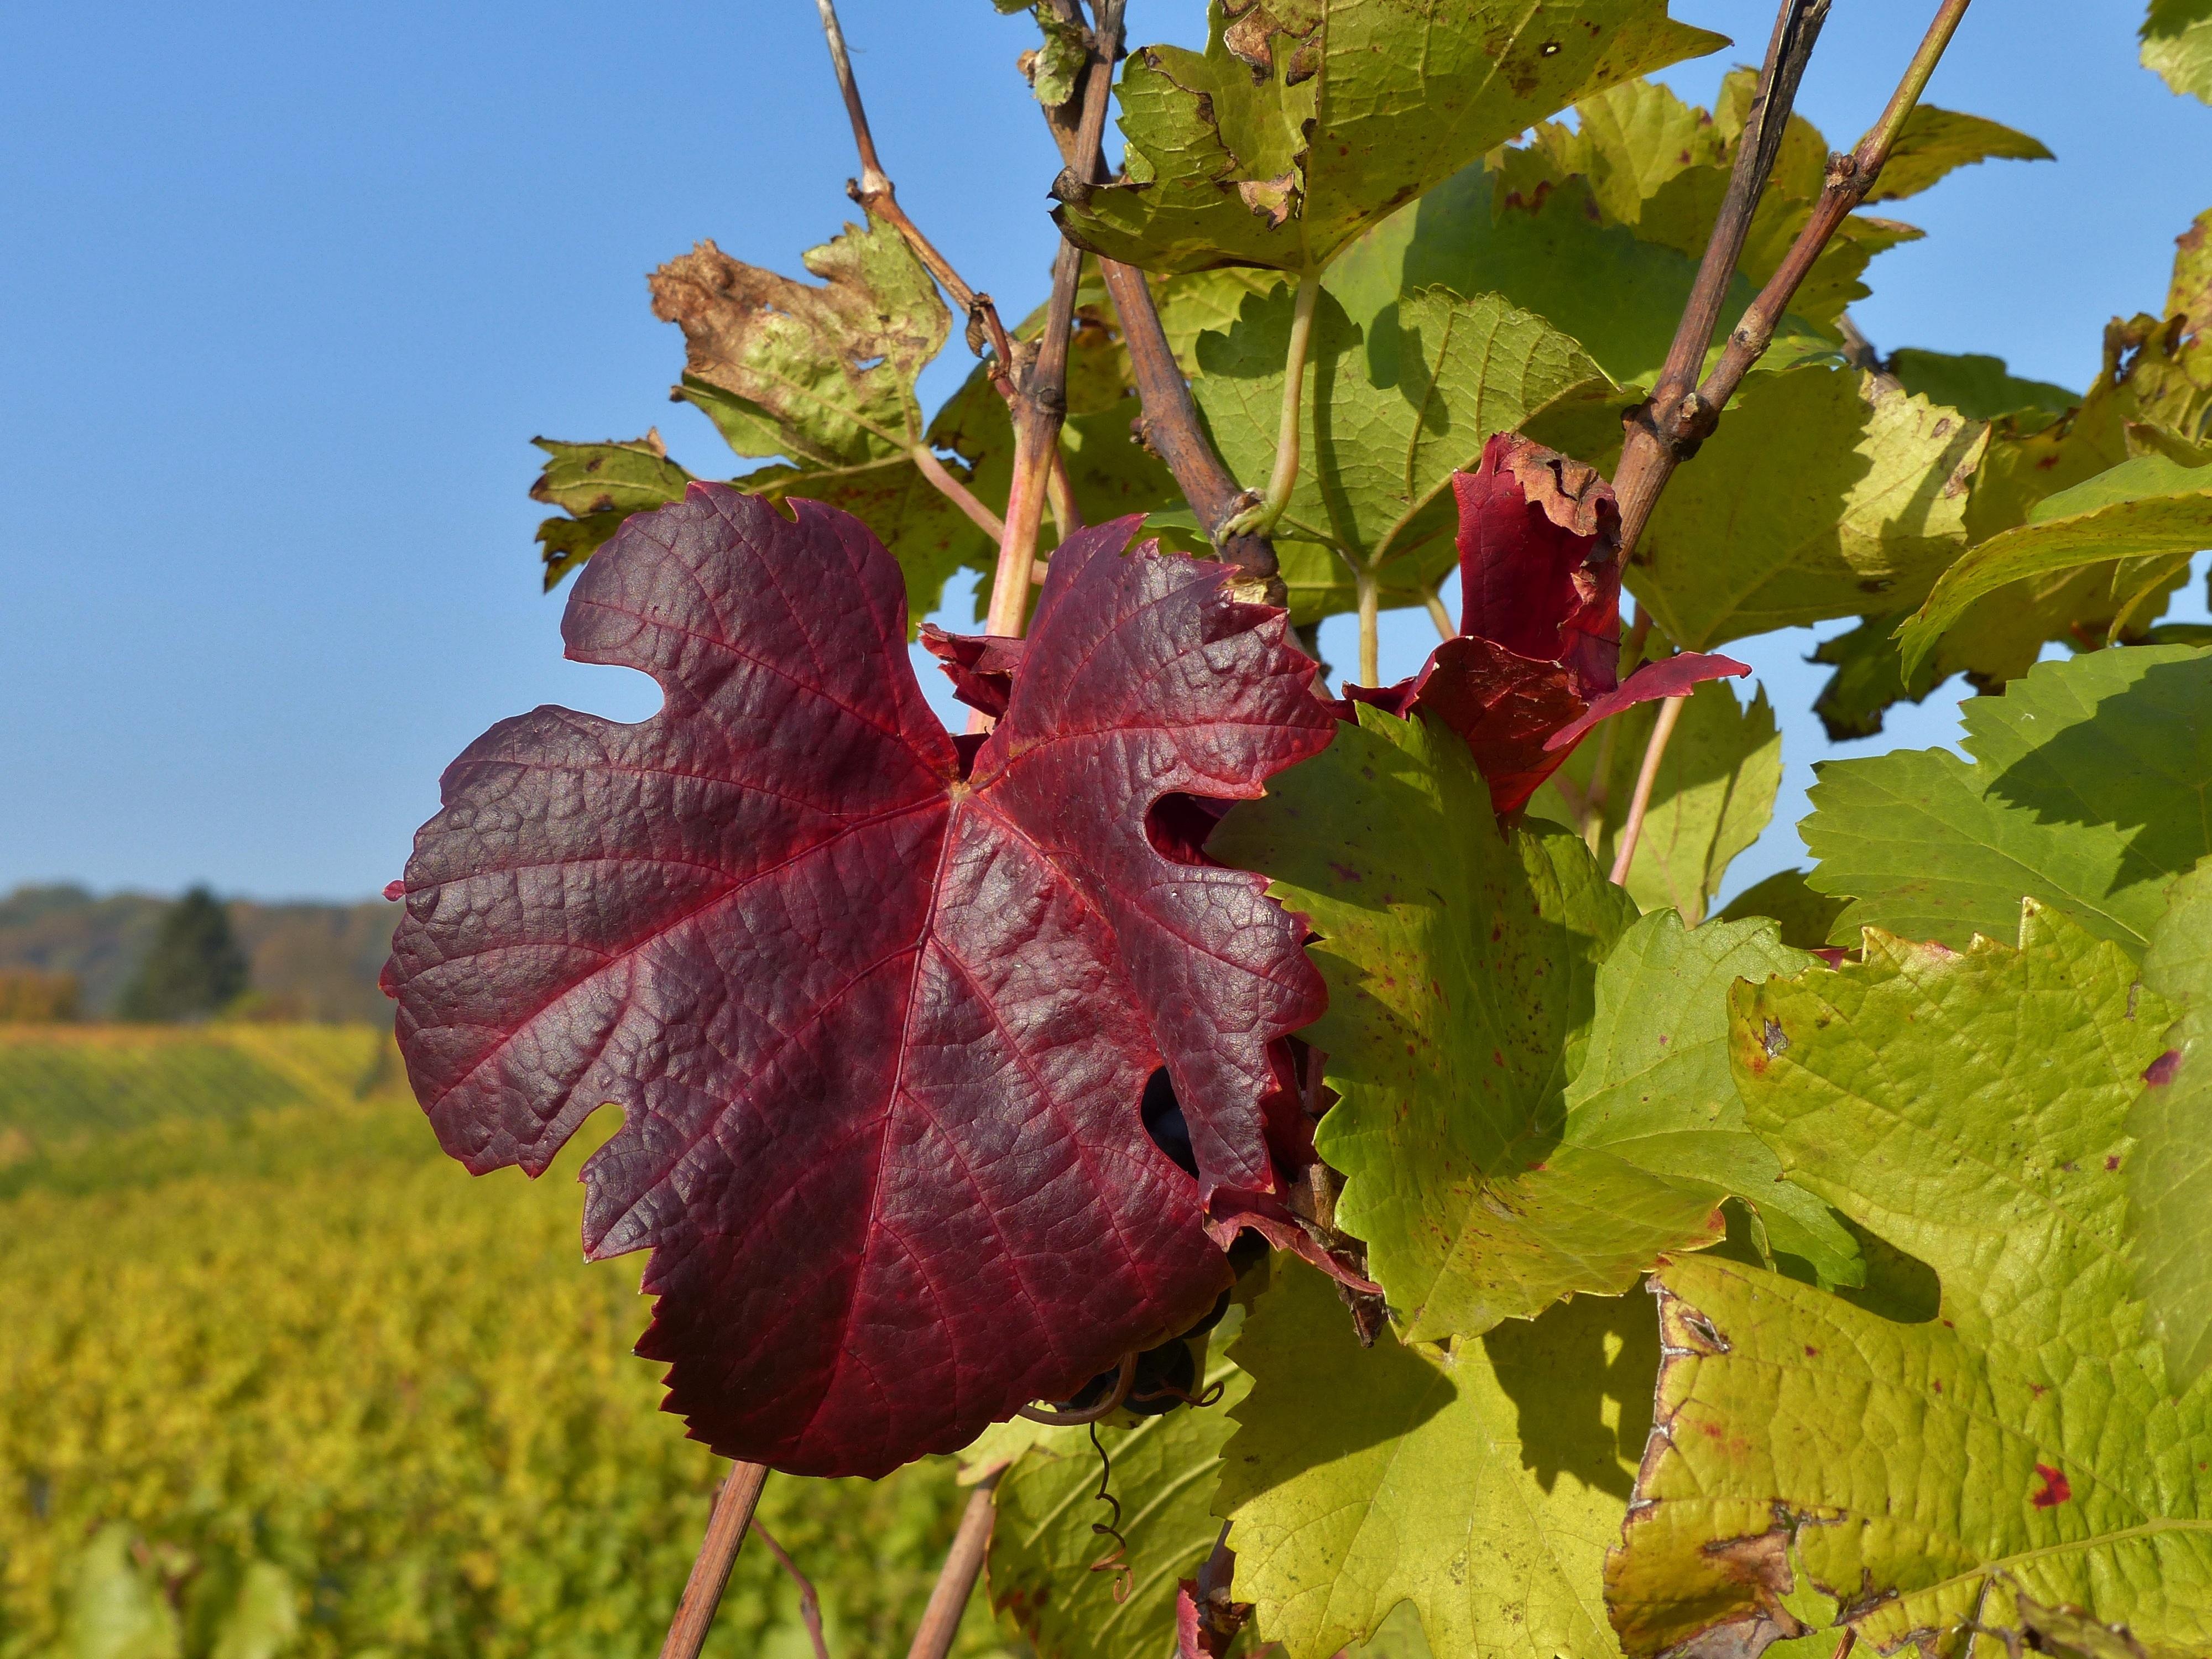 Fotoğraf Peyzaj Ağaç Asma üzüm Bağı şarap çiçek Gıda